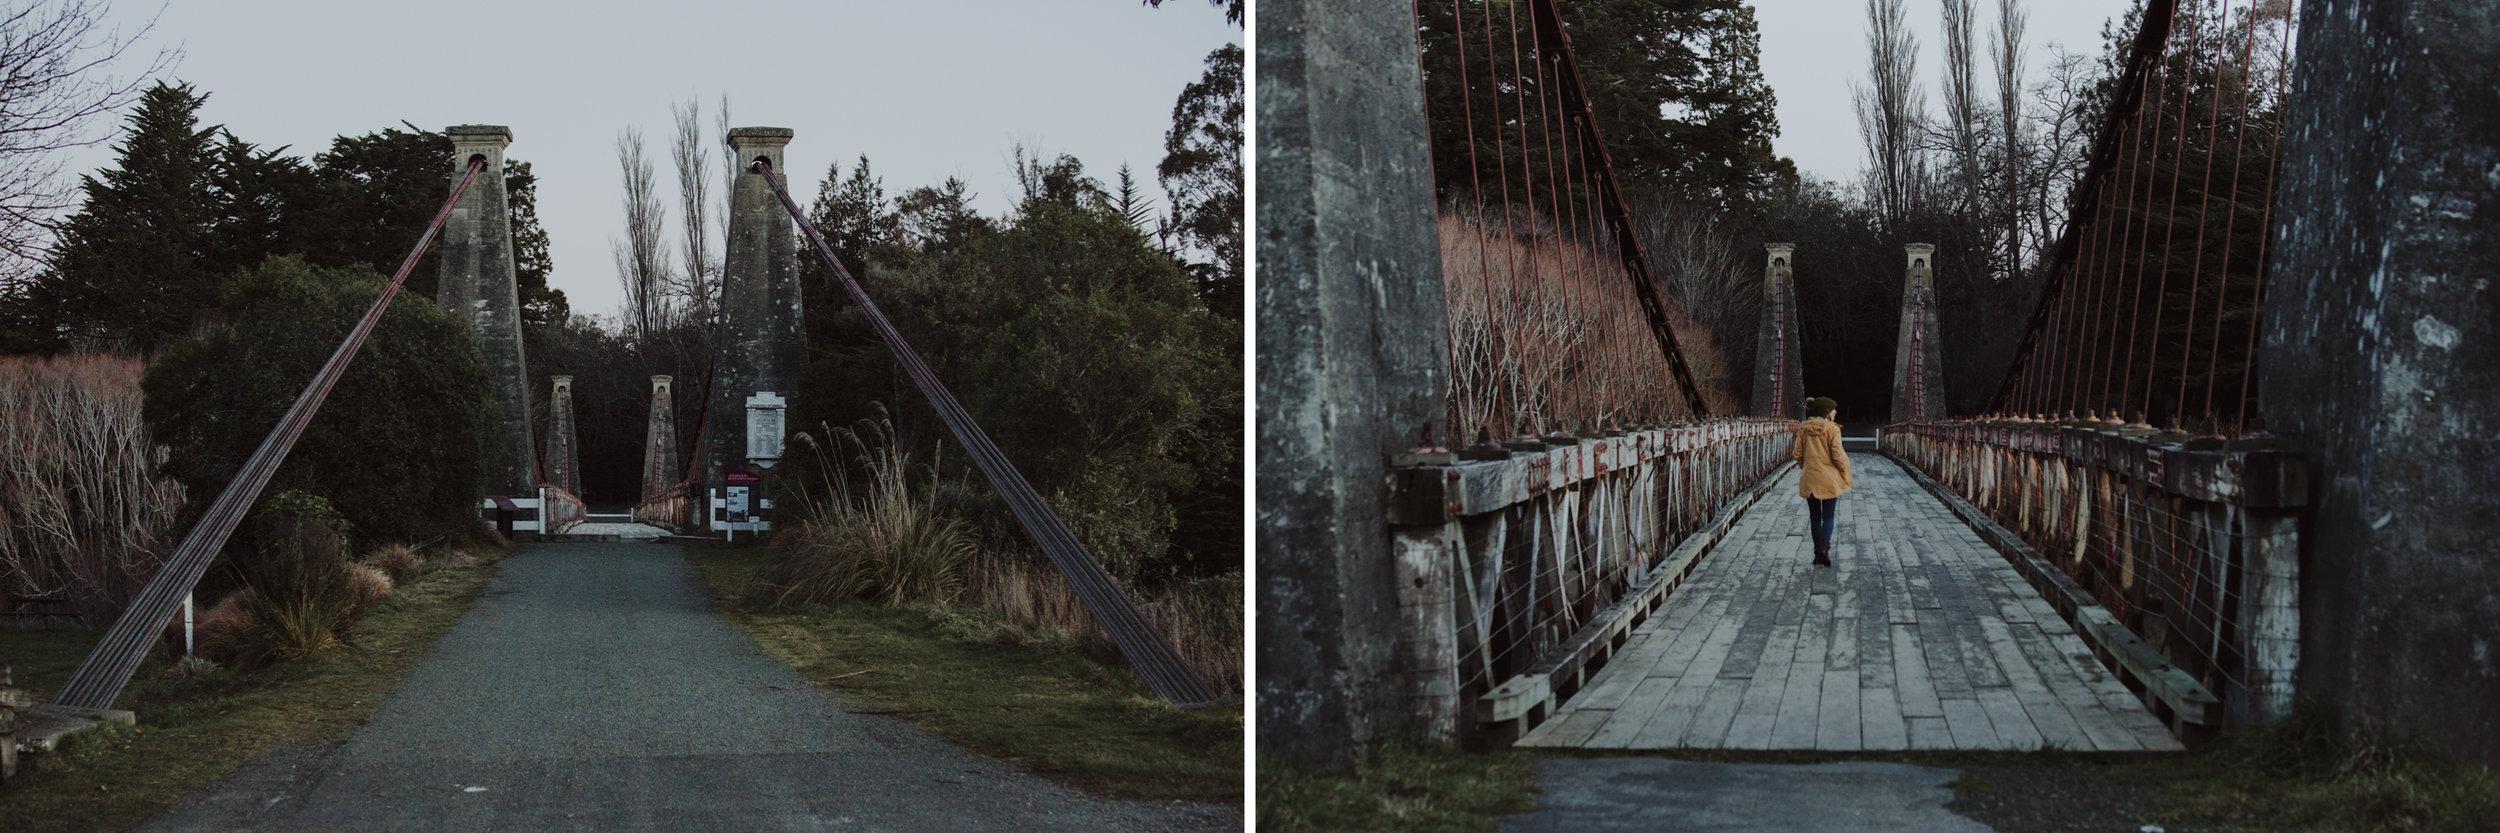 ElizaJadePhotography-13.jpg